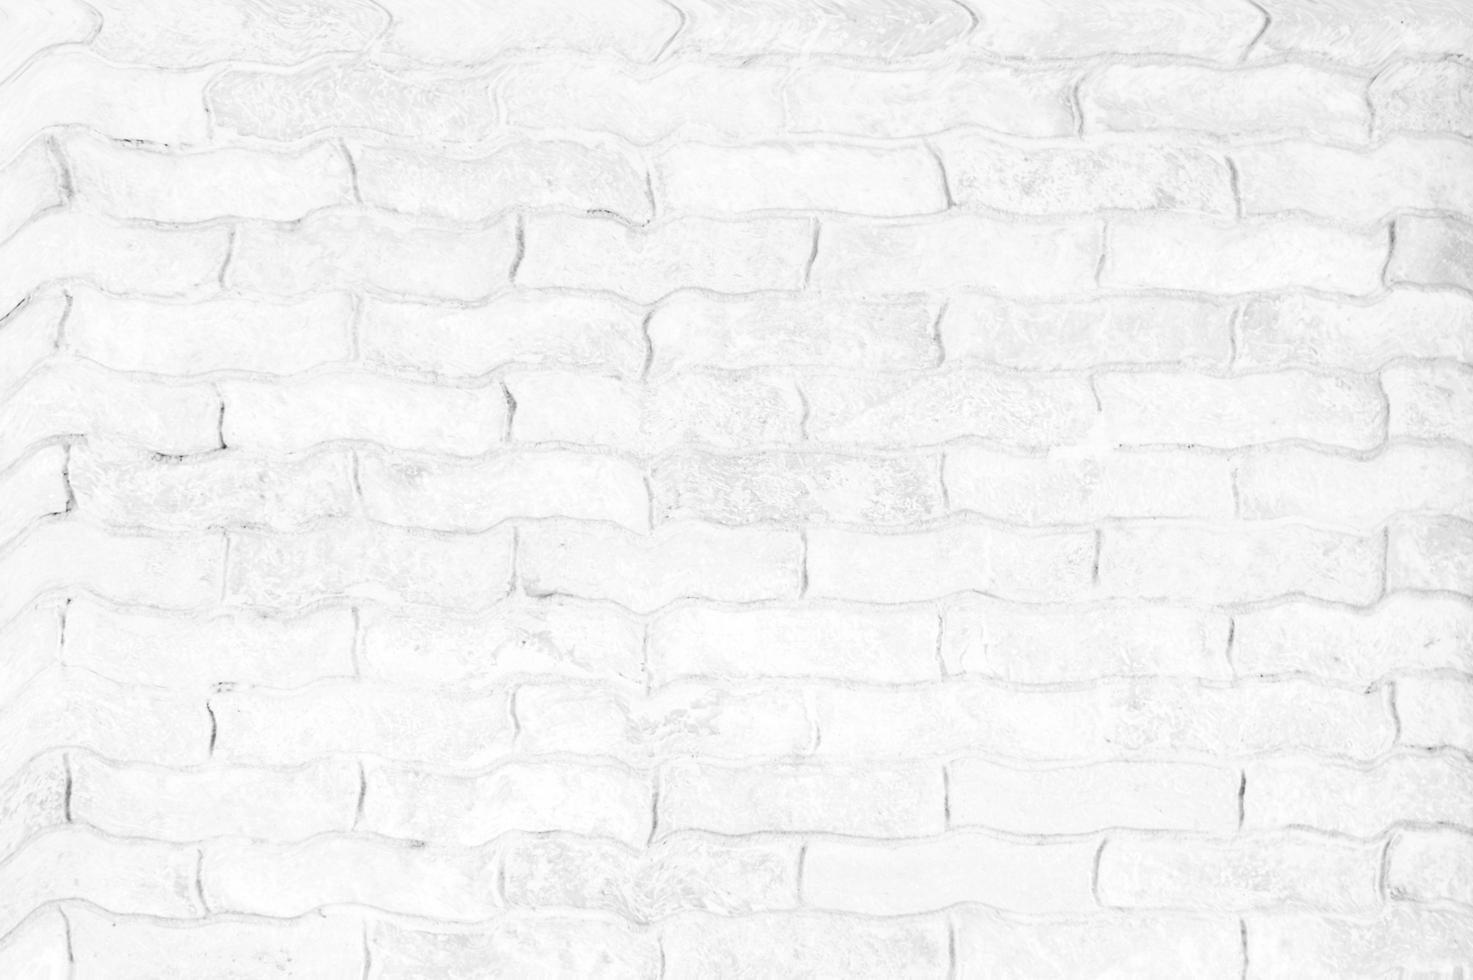 superficie di mattoni bianchi foto